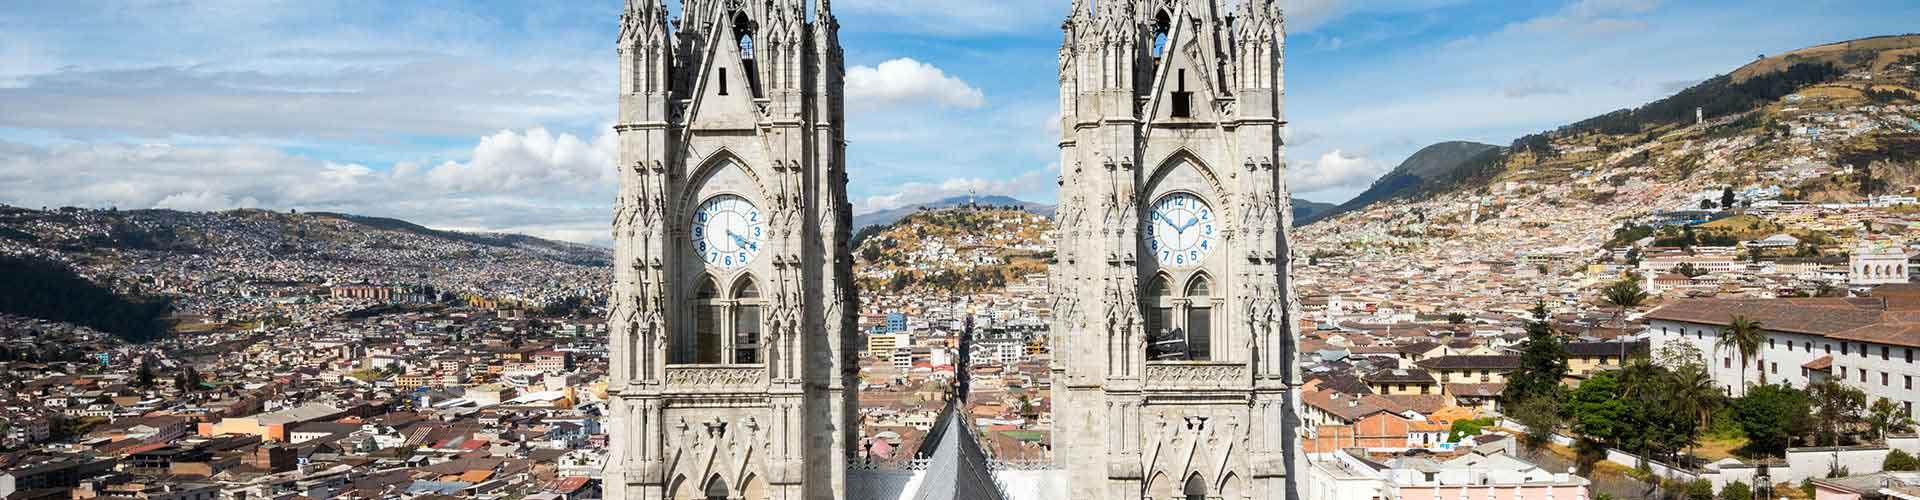 Quito – Albergues em Quito. Mapas para Quito, Fotos e Avaliações para cada Albergue em Quito.